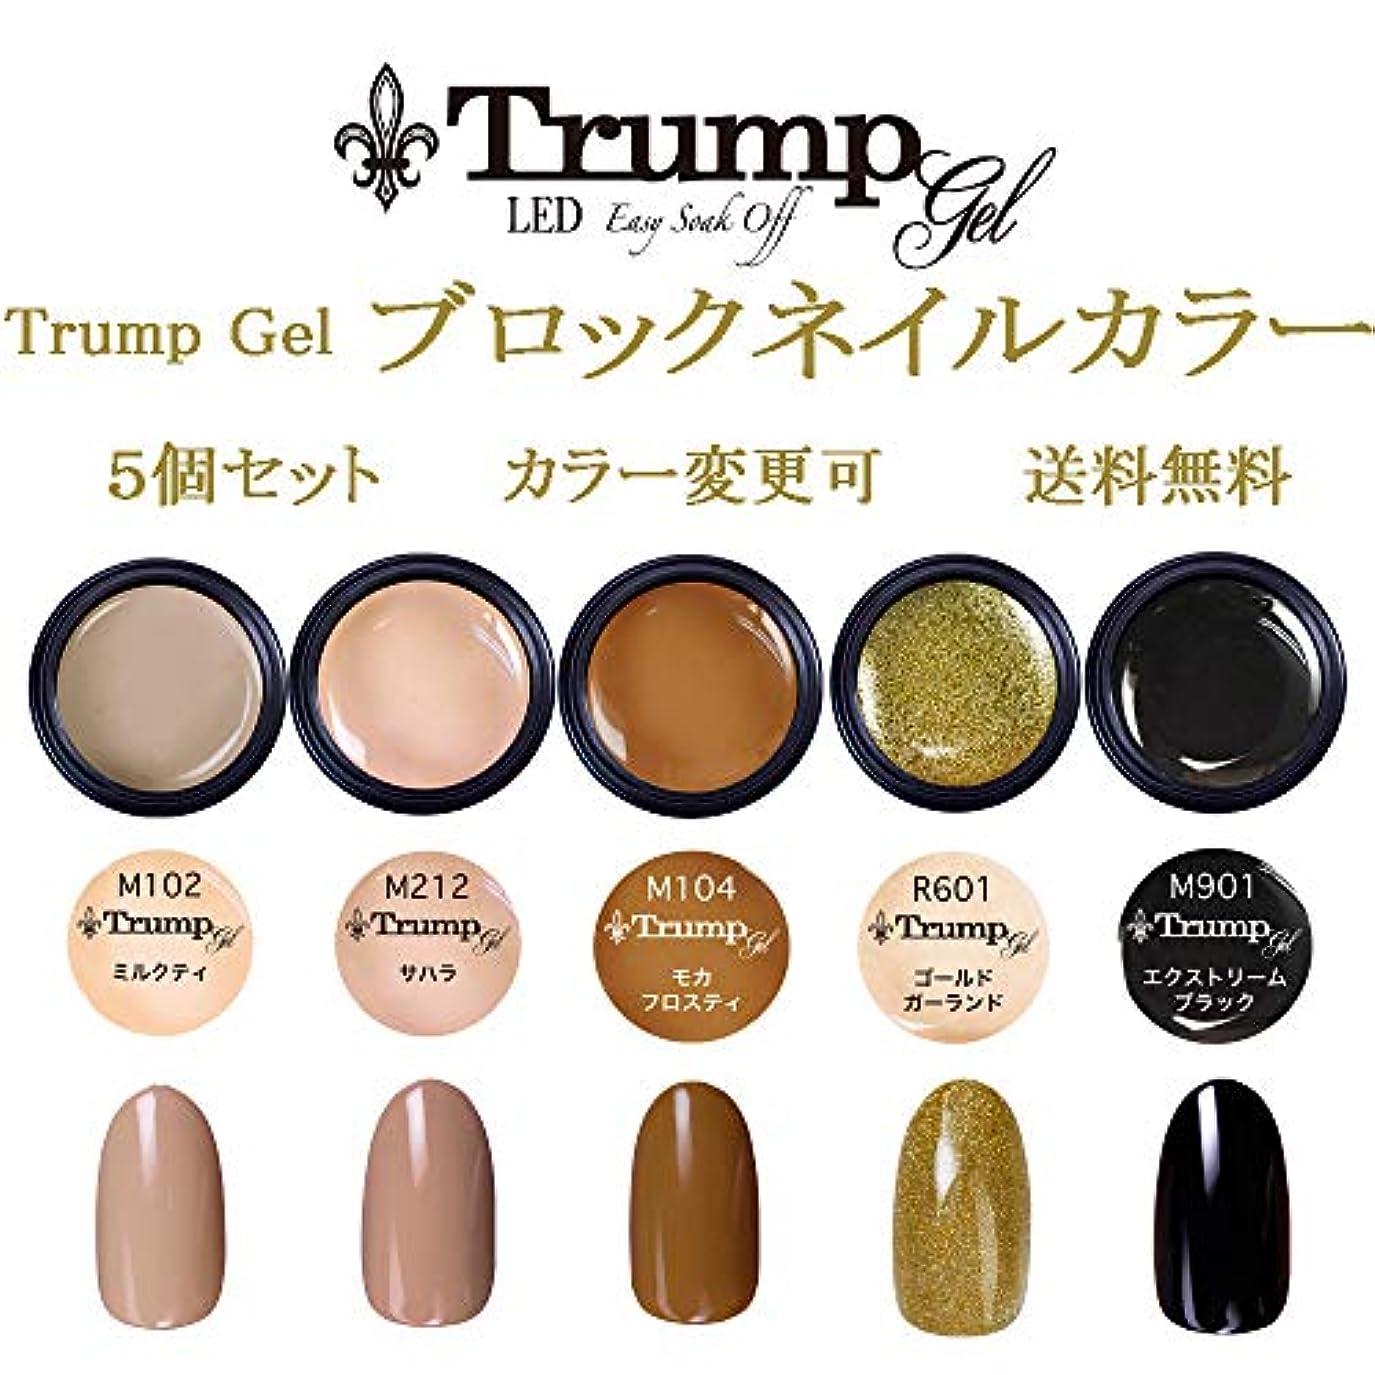 路地ボート離す日本製 Trump gel トランプジェル ブロックネイル 選べる カラージェル 5個セット ゴールド ラメ ブラウン ブラック ピンク ベージュ